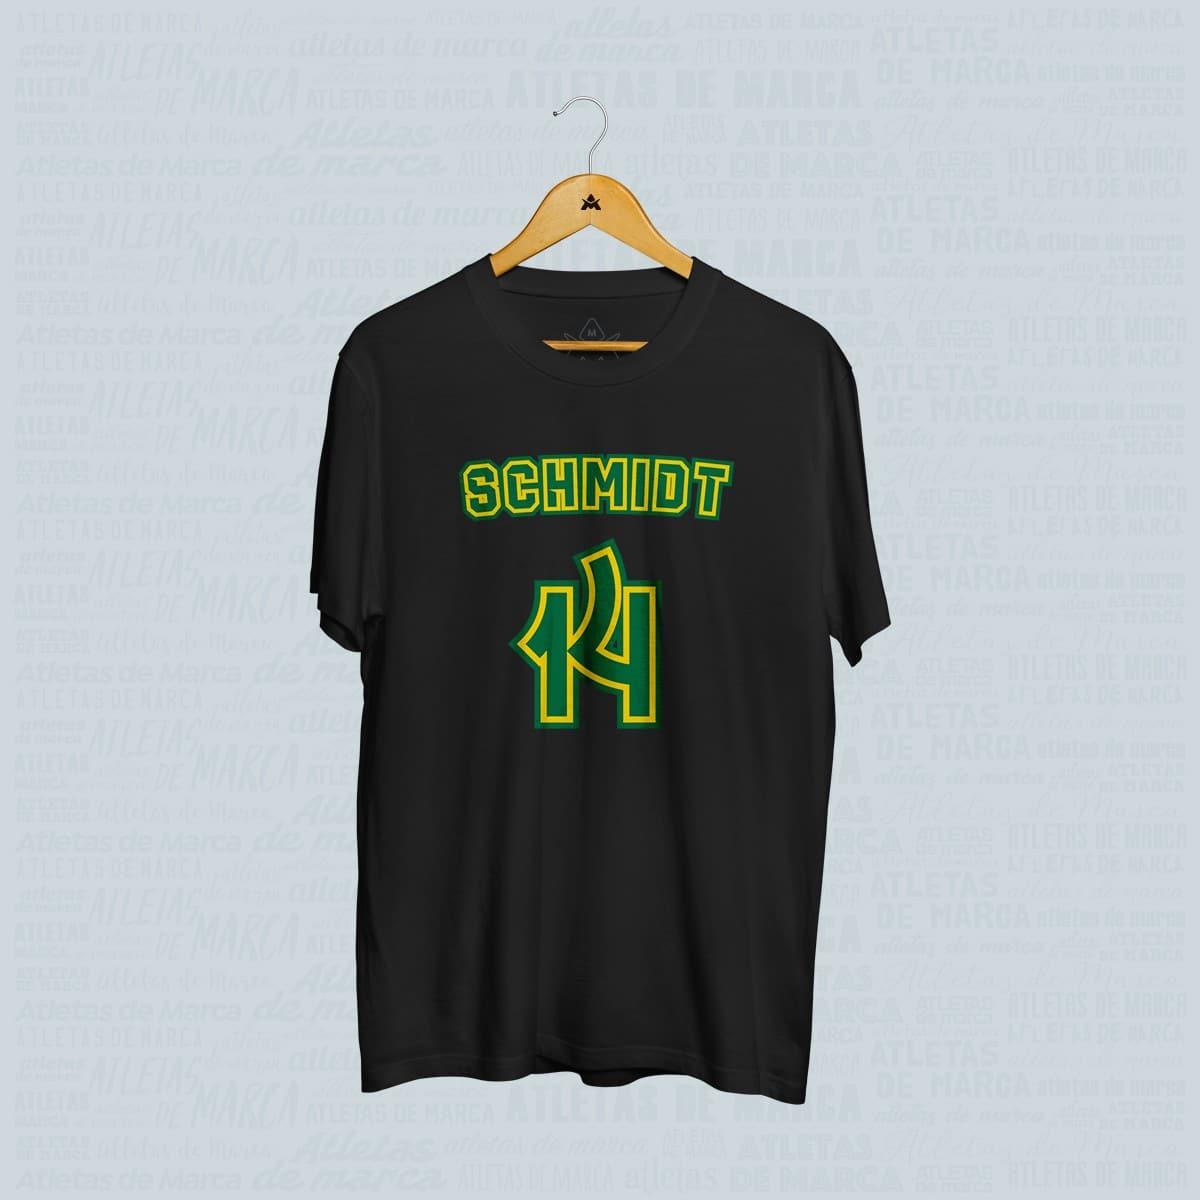 Camisa Schmidt 14